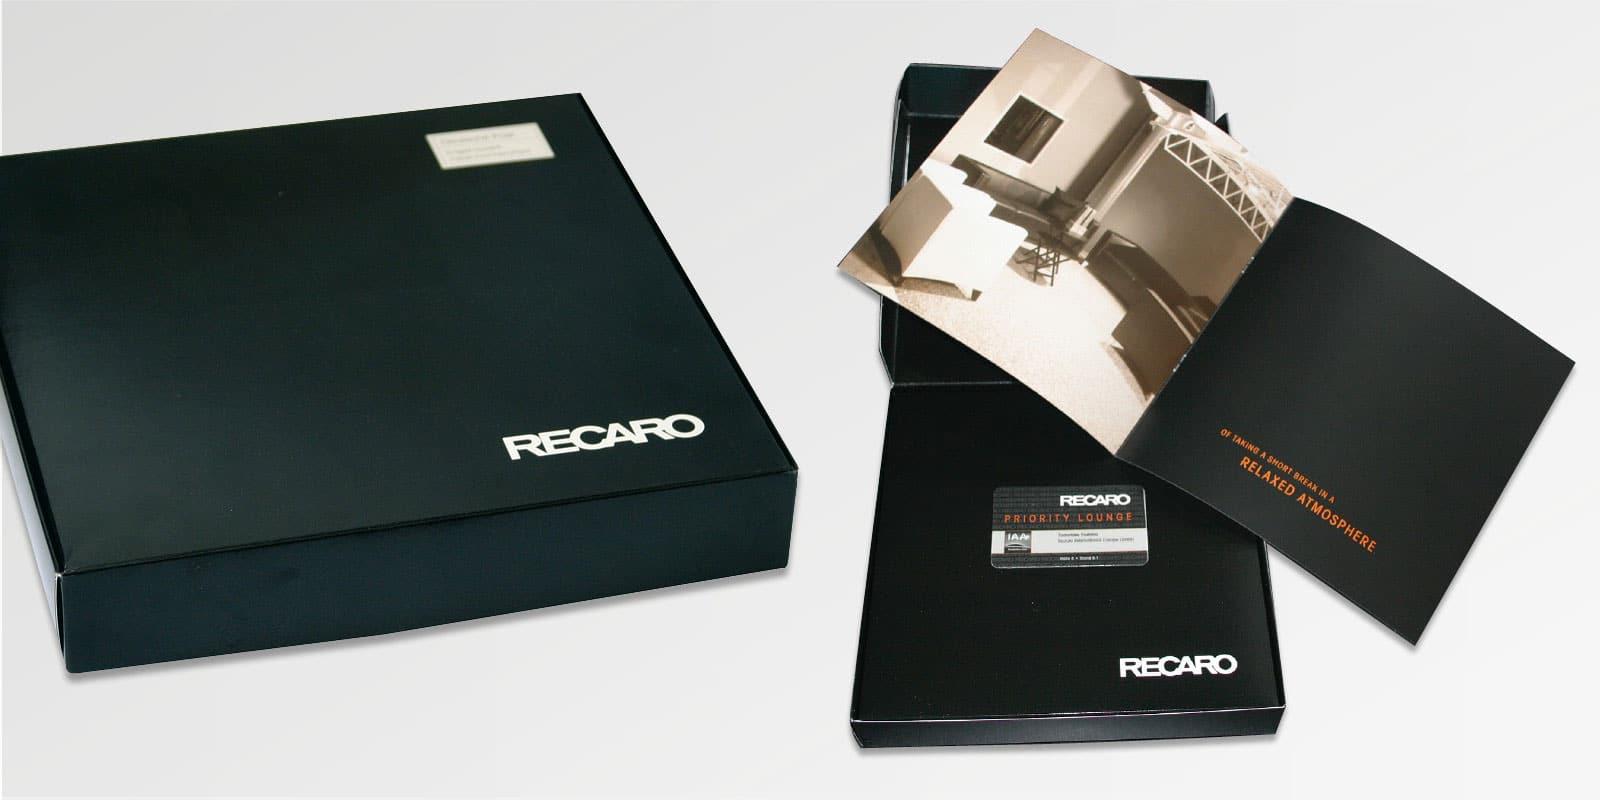 RECARO – Einladung IAA